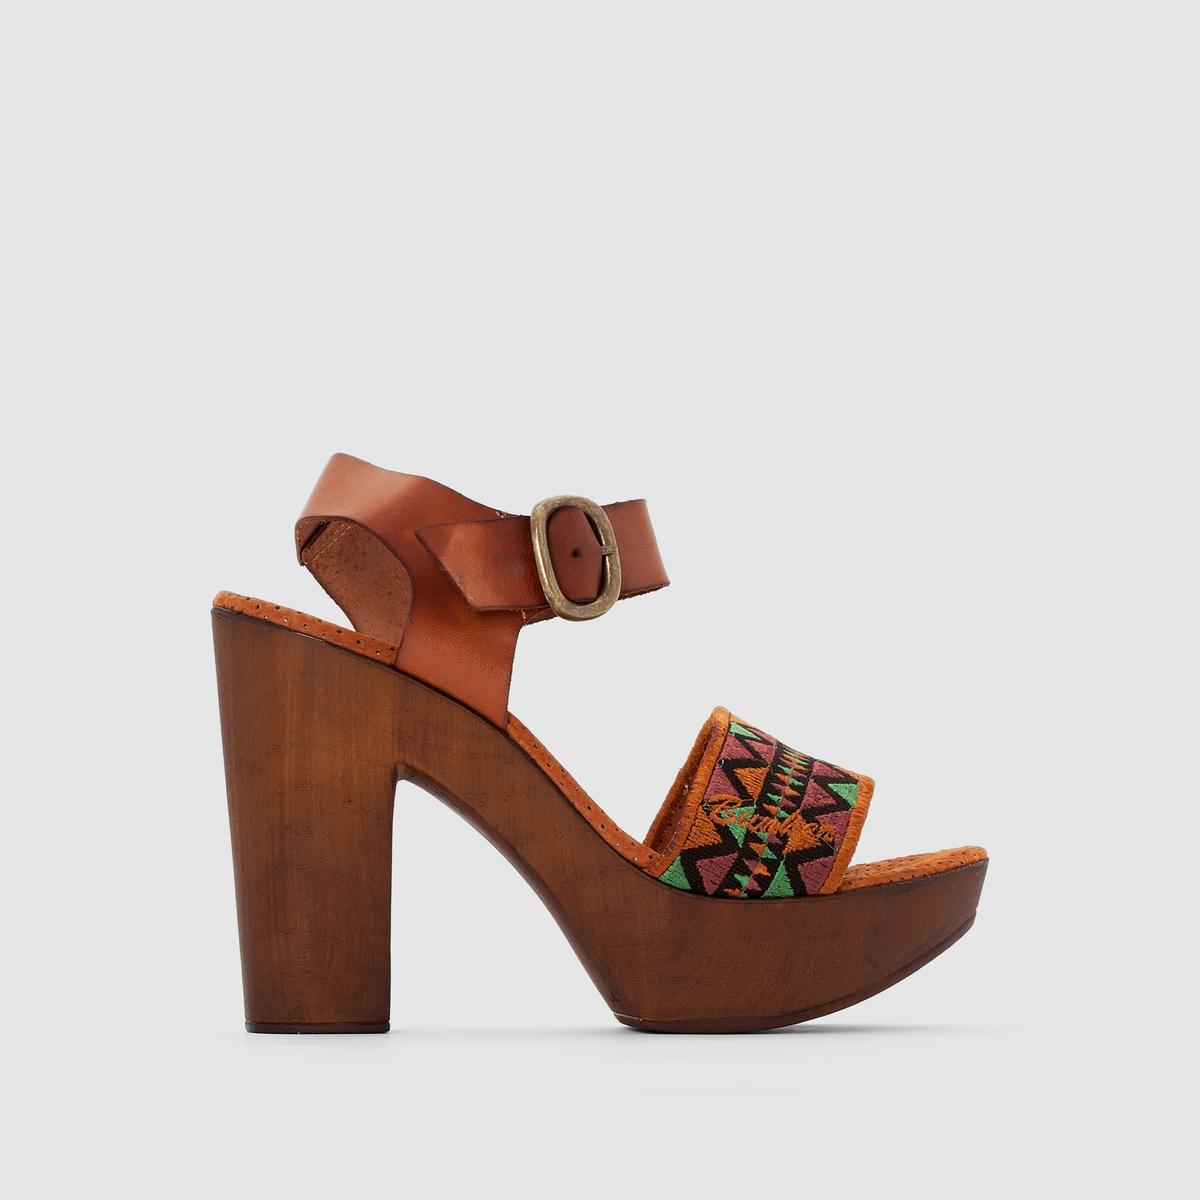 Босоножки на высоком каблуке и подошве-платформеУтонченные и ультра-женственные босоножки Bunker на высоком каблуке и подошве-платформе сделают силуэт ваших ног изящным... !<br><br>Цвет: набивной рисунок<br>Размер: 38.40